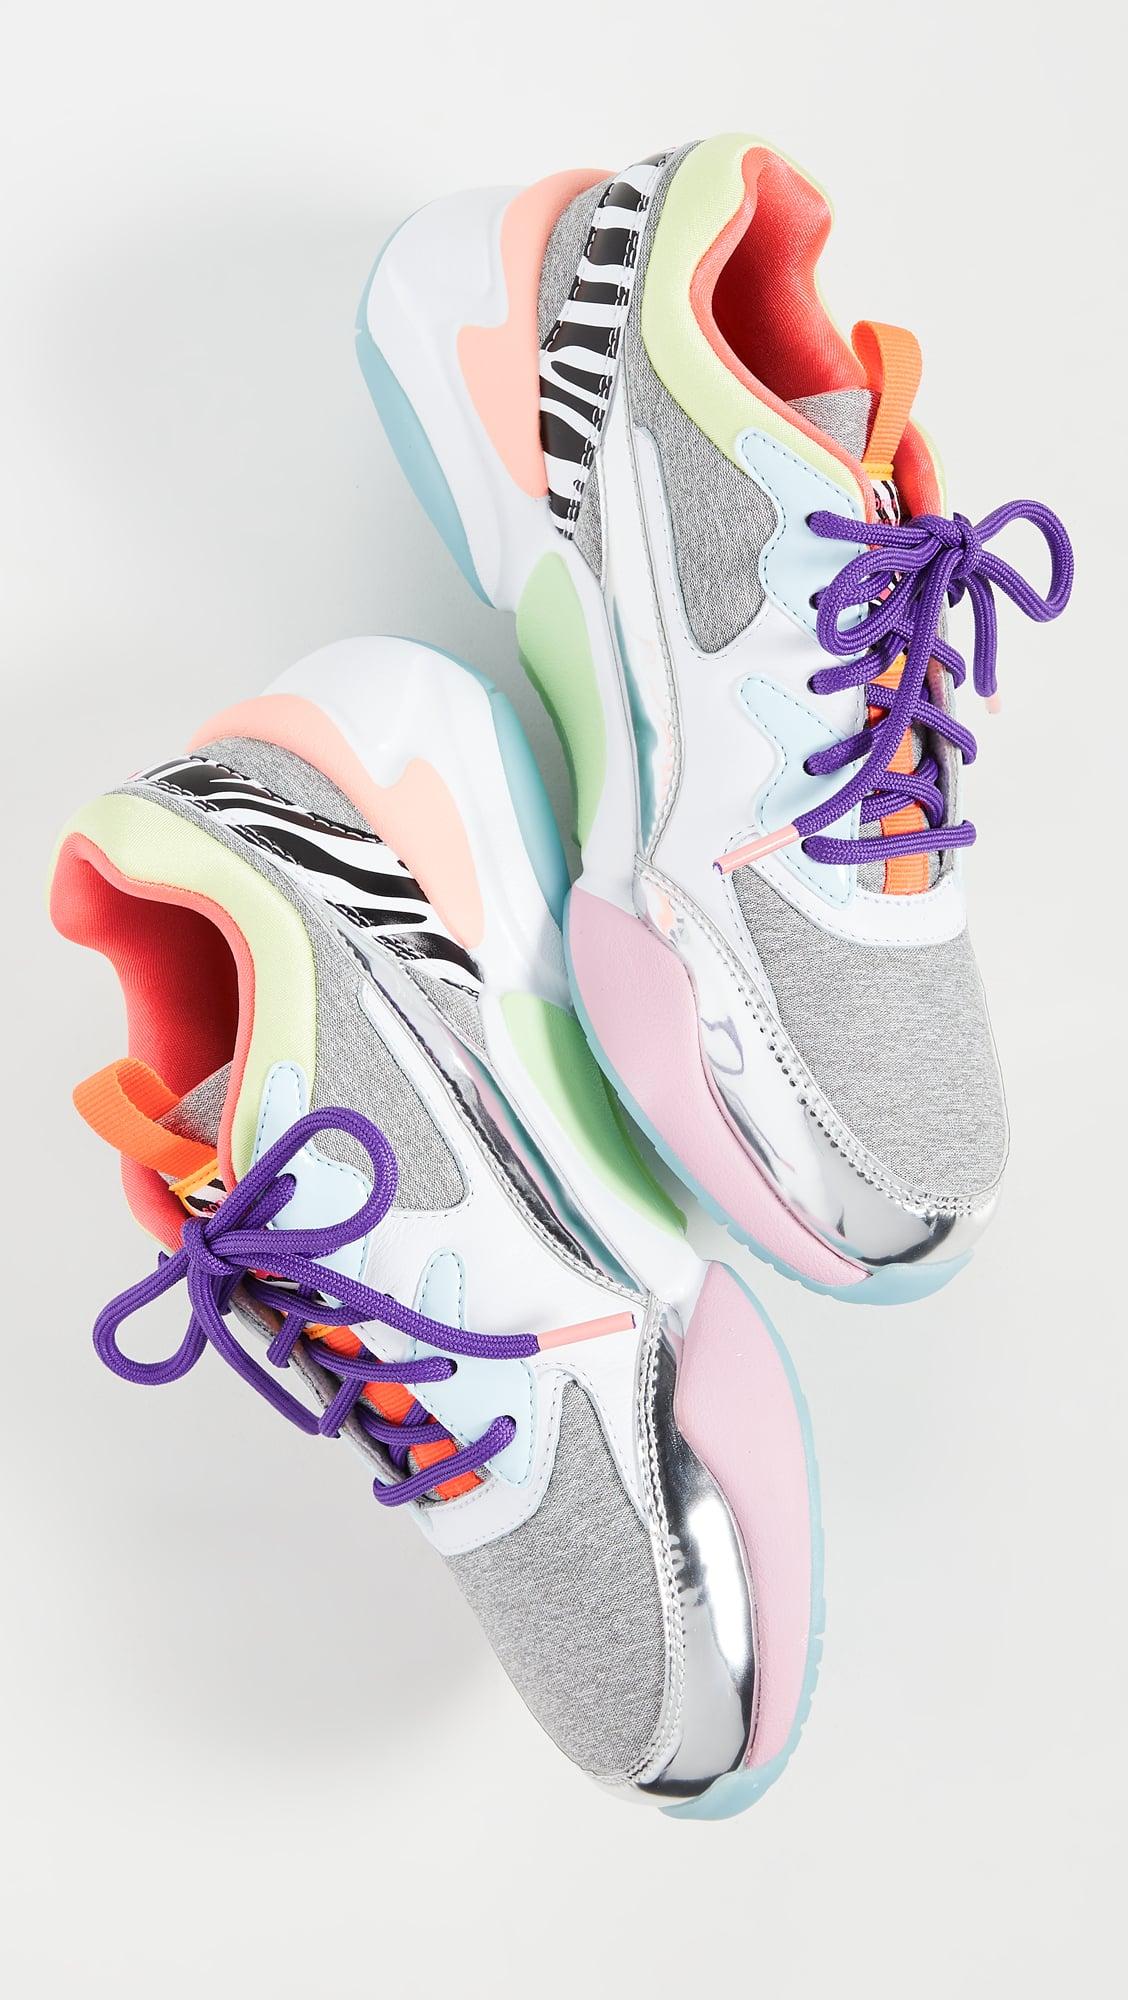 unique white sneakers